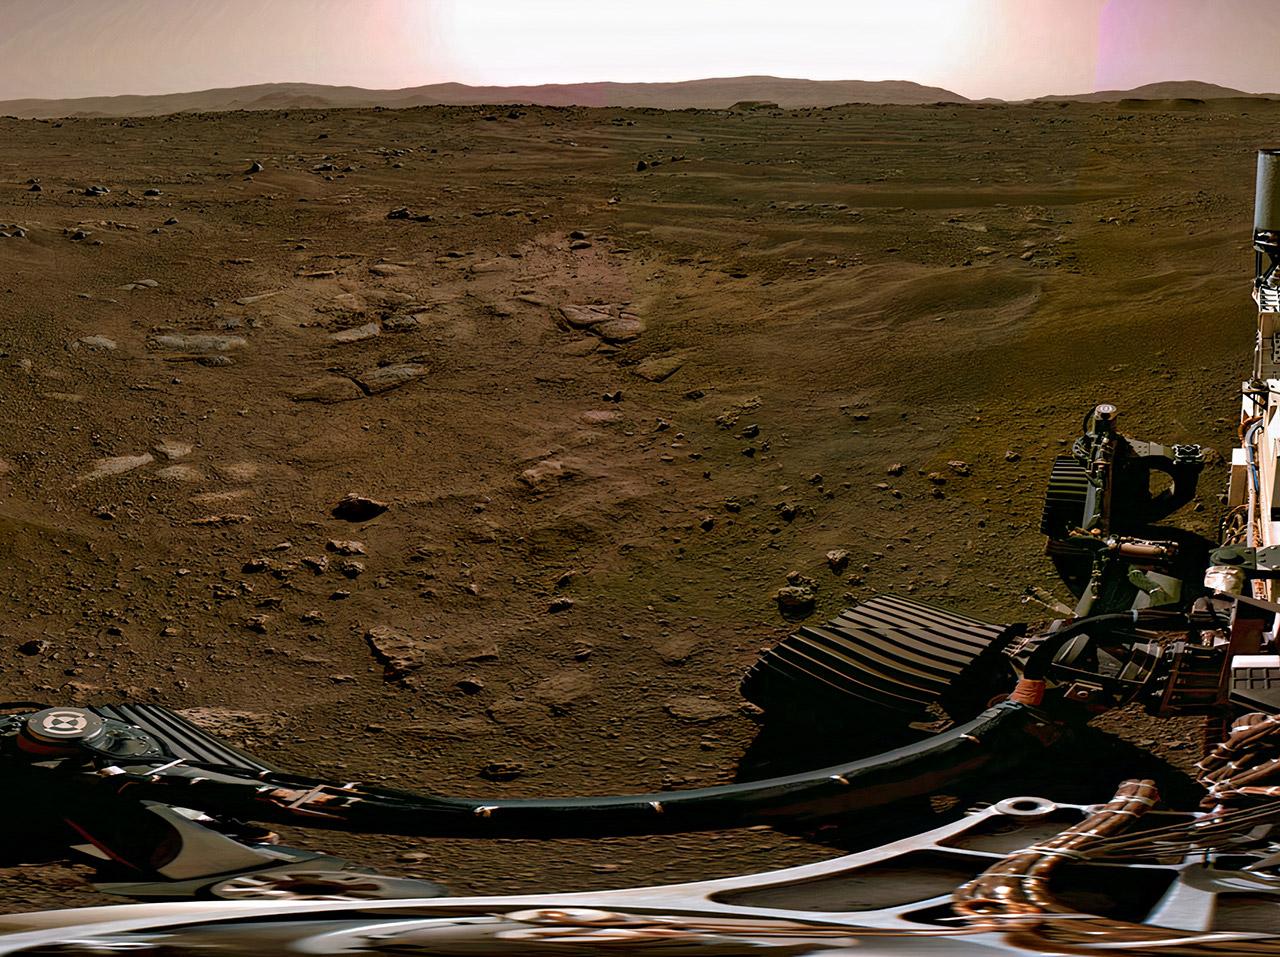 NASA Perseverance Rover Descent Touchdown Audio